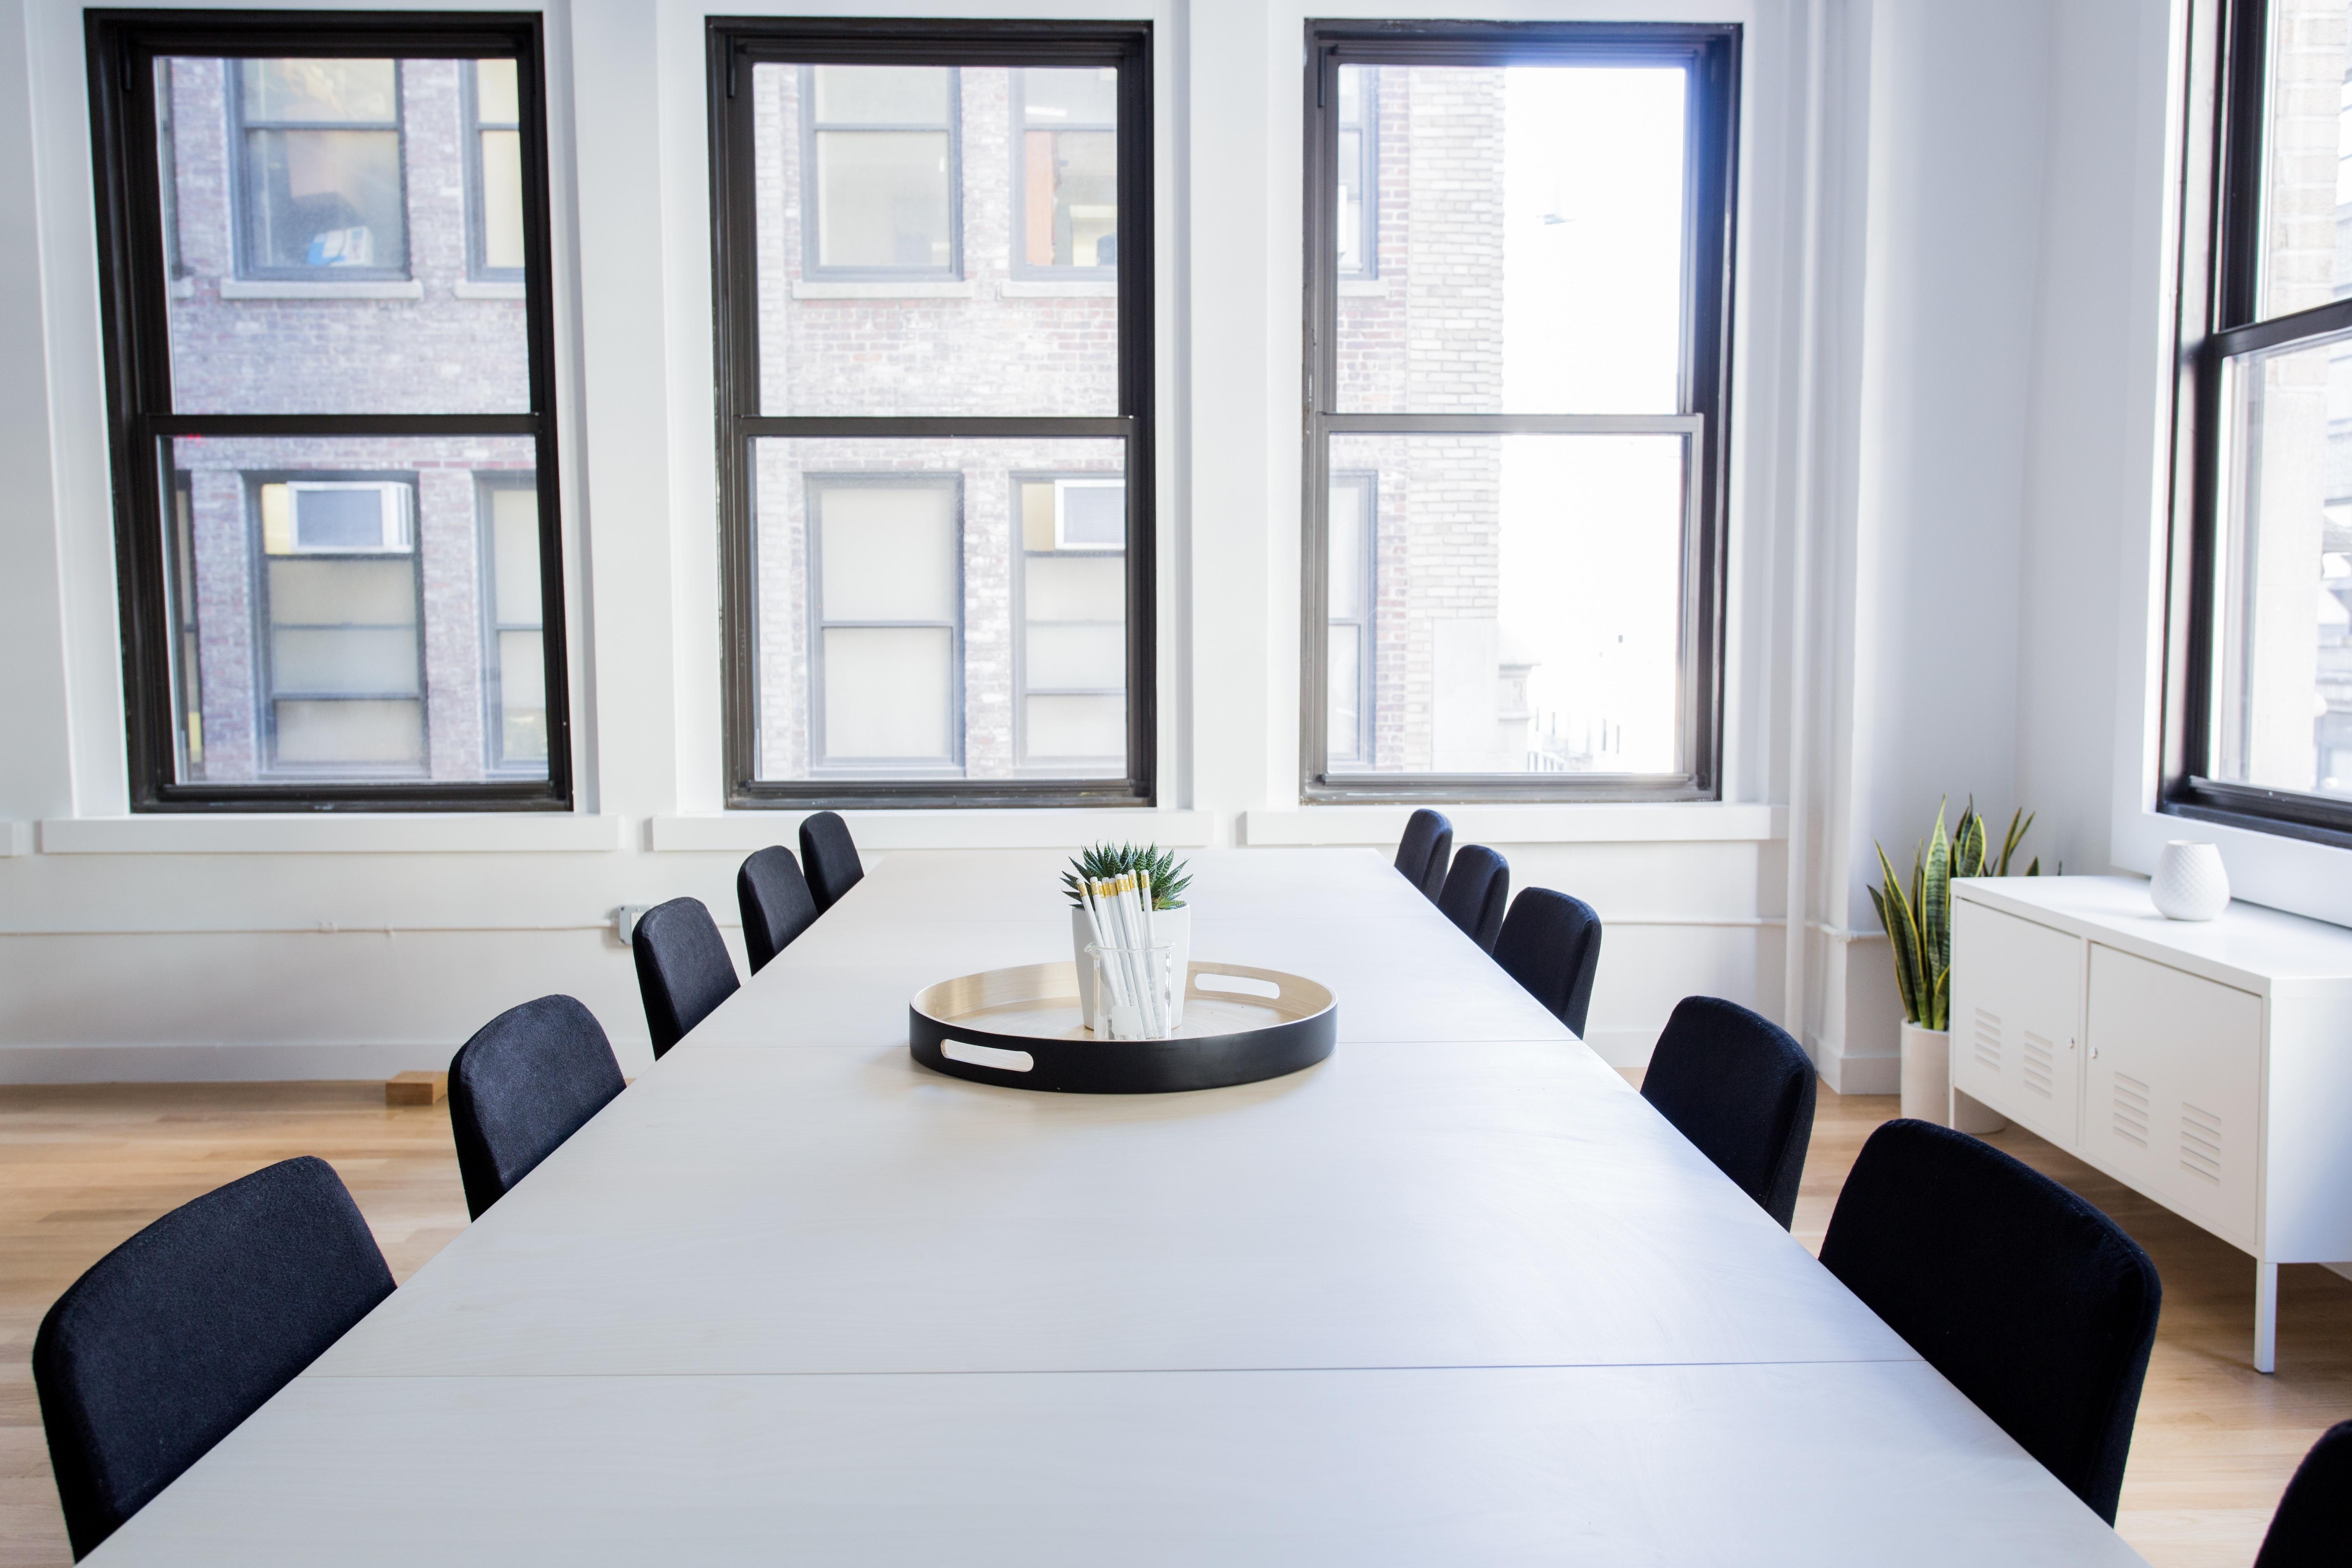 Images gratuites table chaise sol fenêtre maison bureau